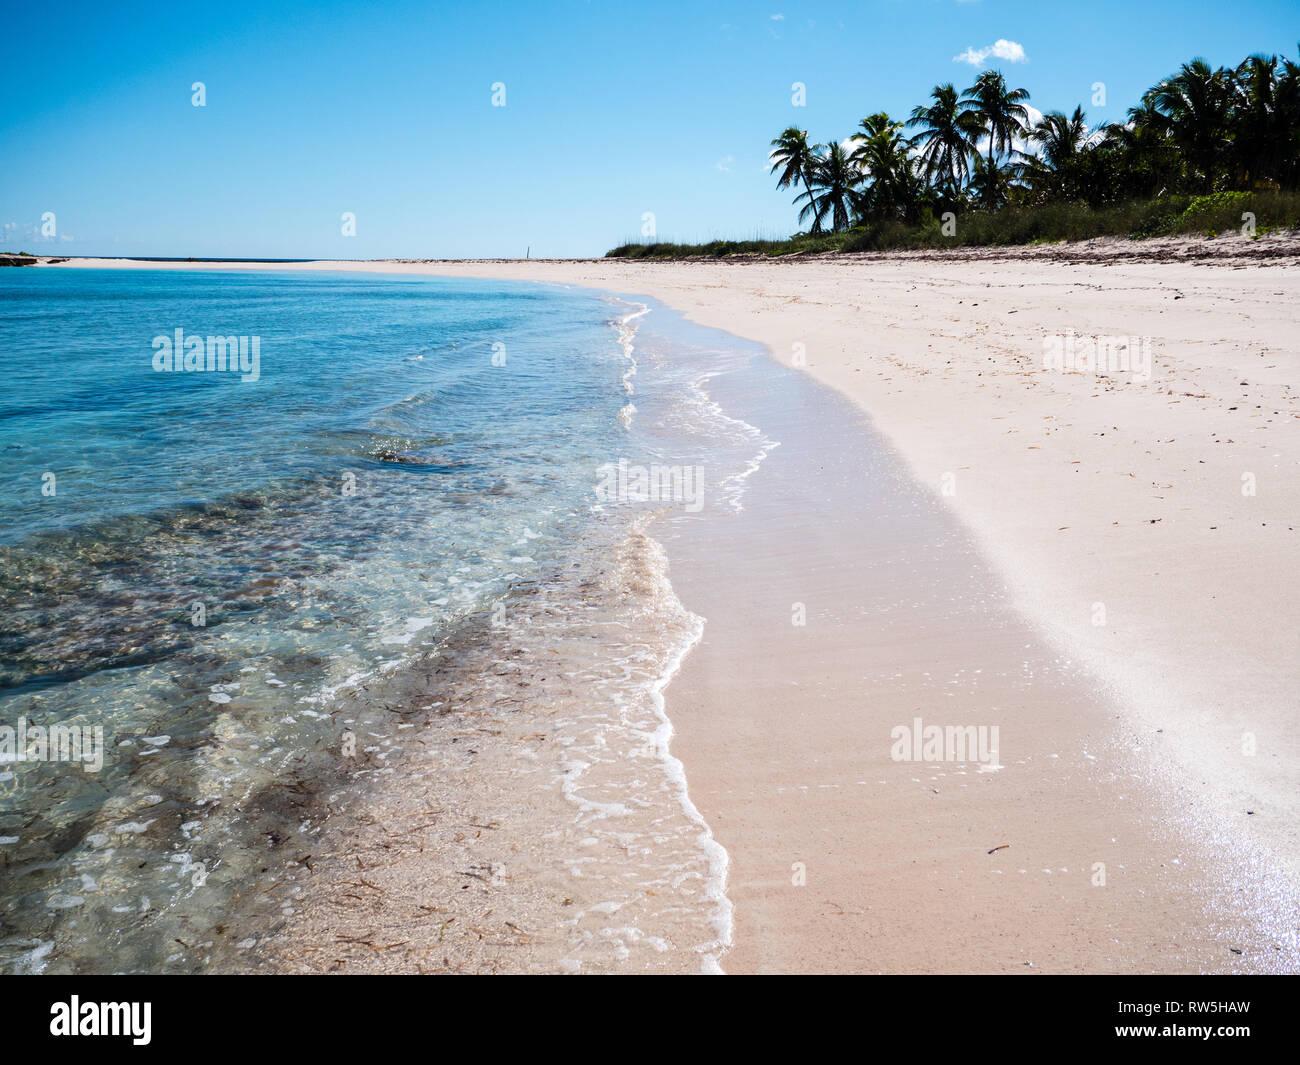 Las olas en la orilla de la playa tropical con palmeras, Twin Cove Beach, Costa Atlántica, Eleuthera Island, Las Bahamas, El Caribe. Foto de stock